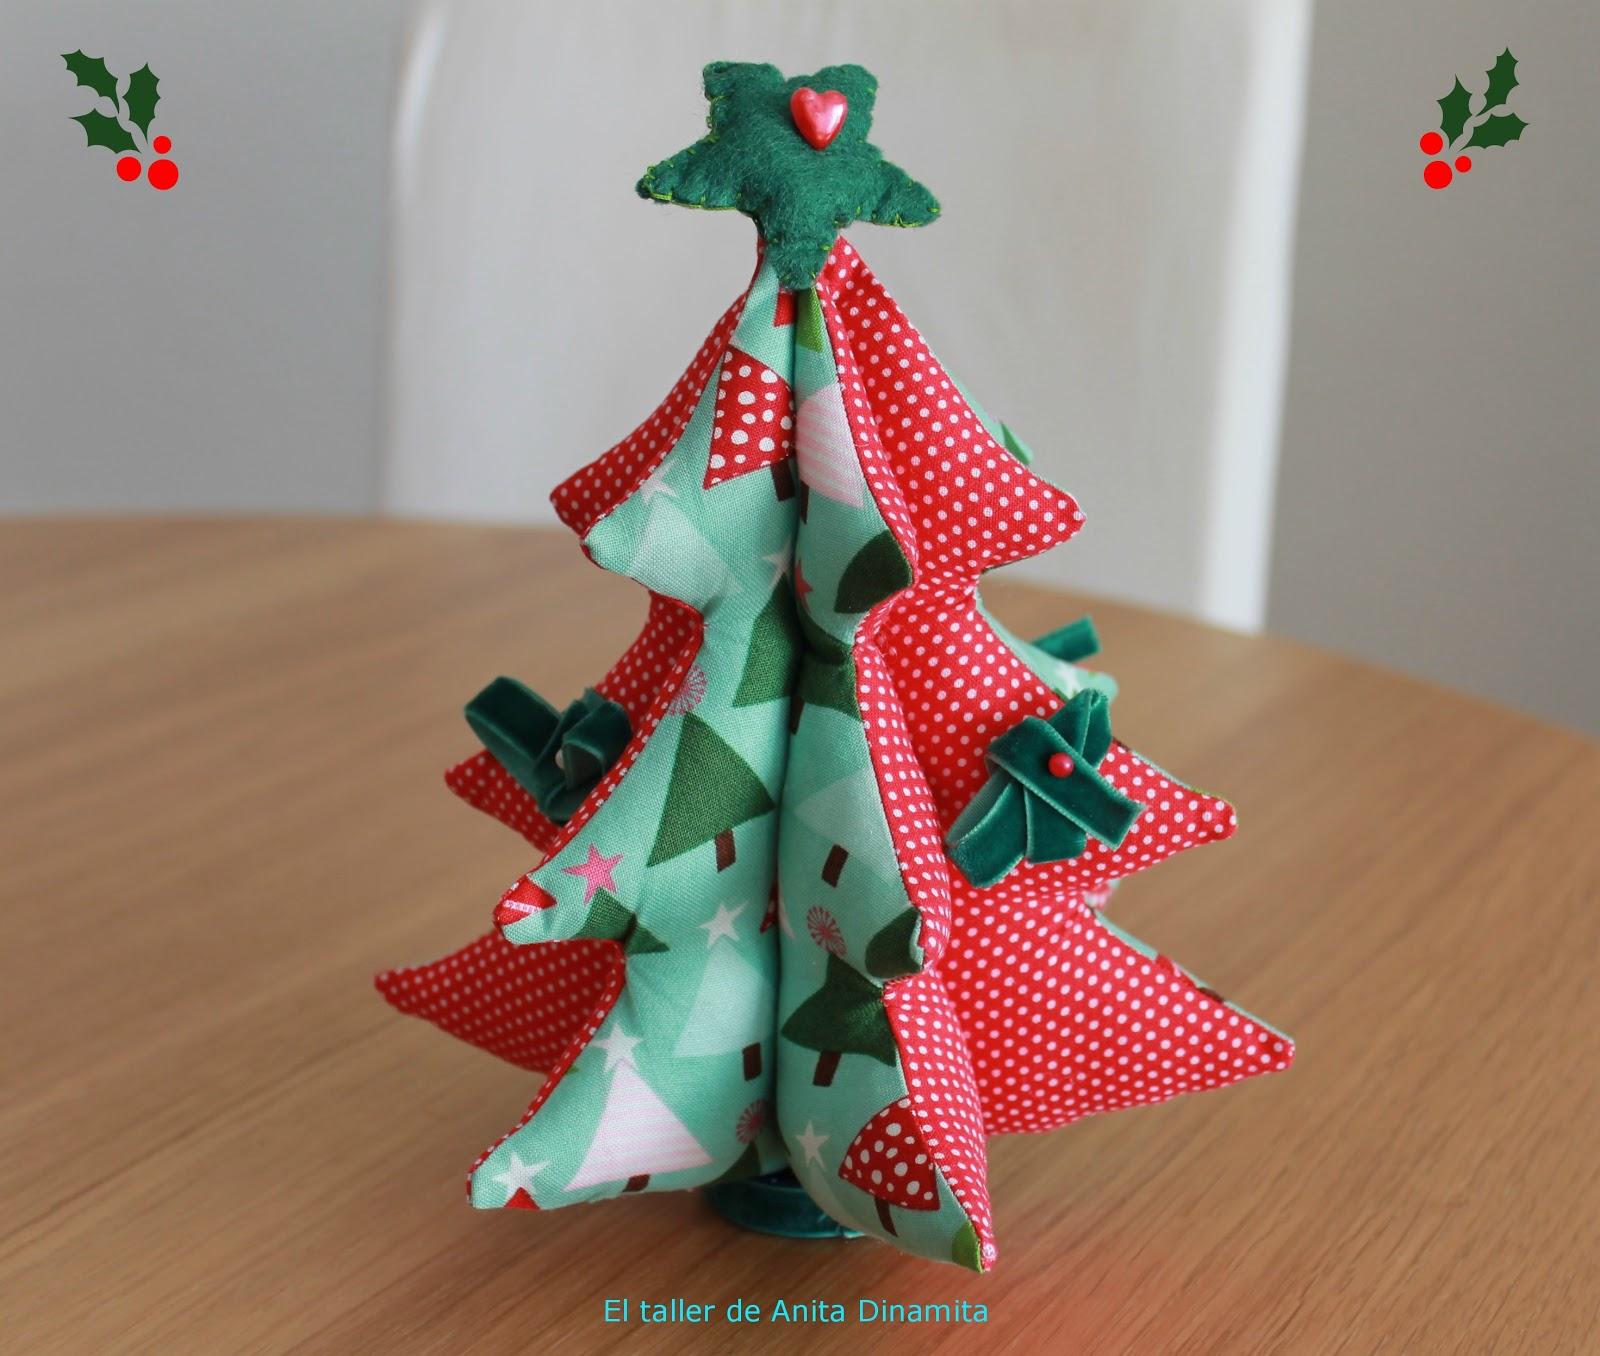 El taller de anitadinamita arbolito navide o de tela - Arboles de navidad de tela ...